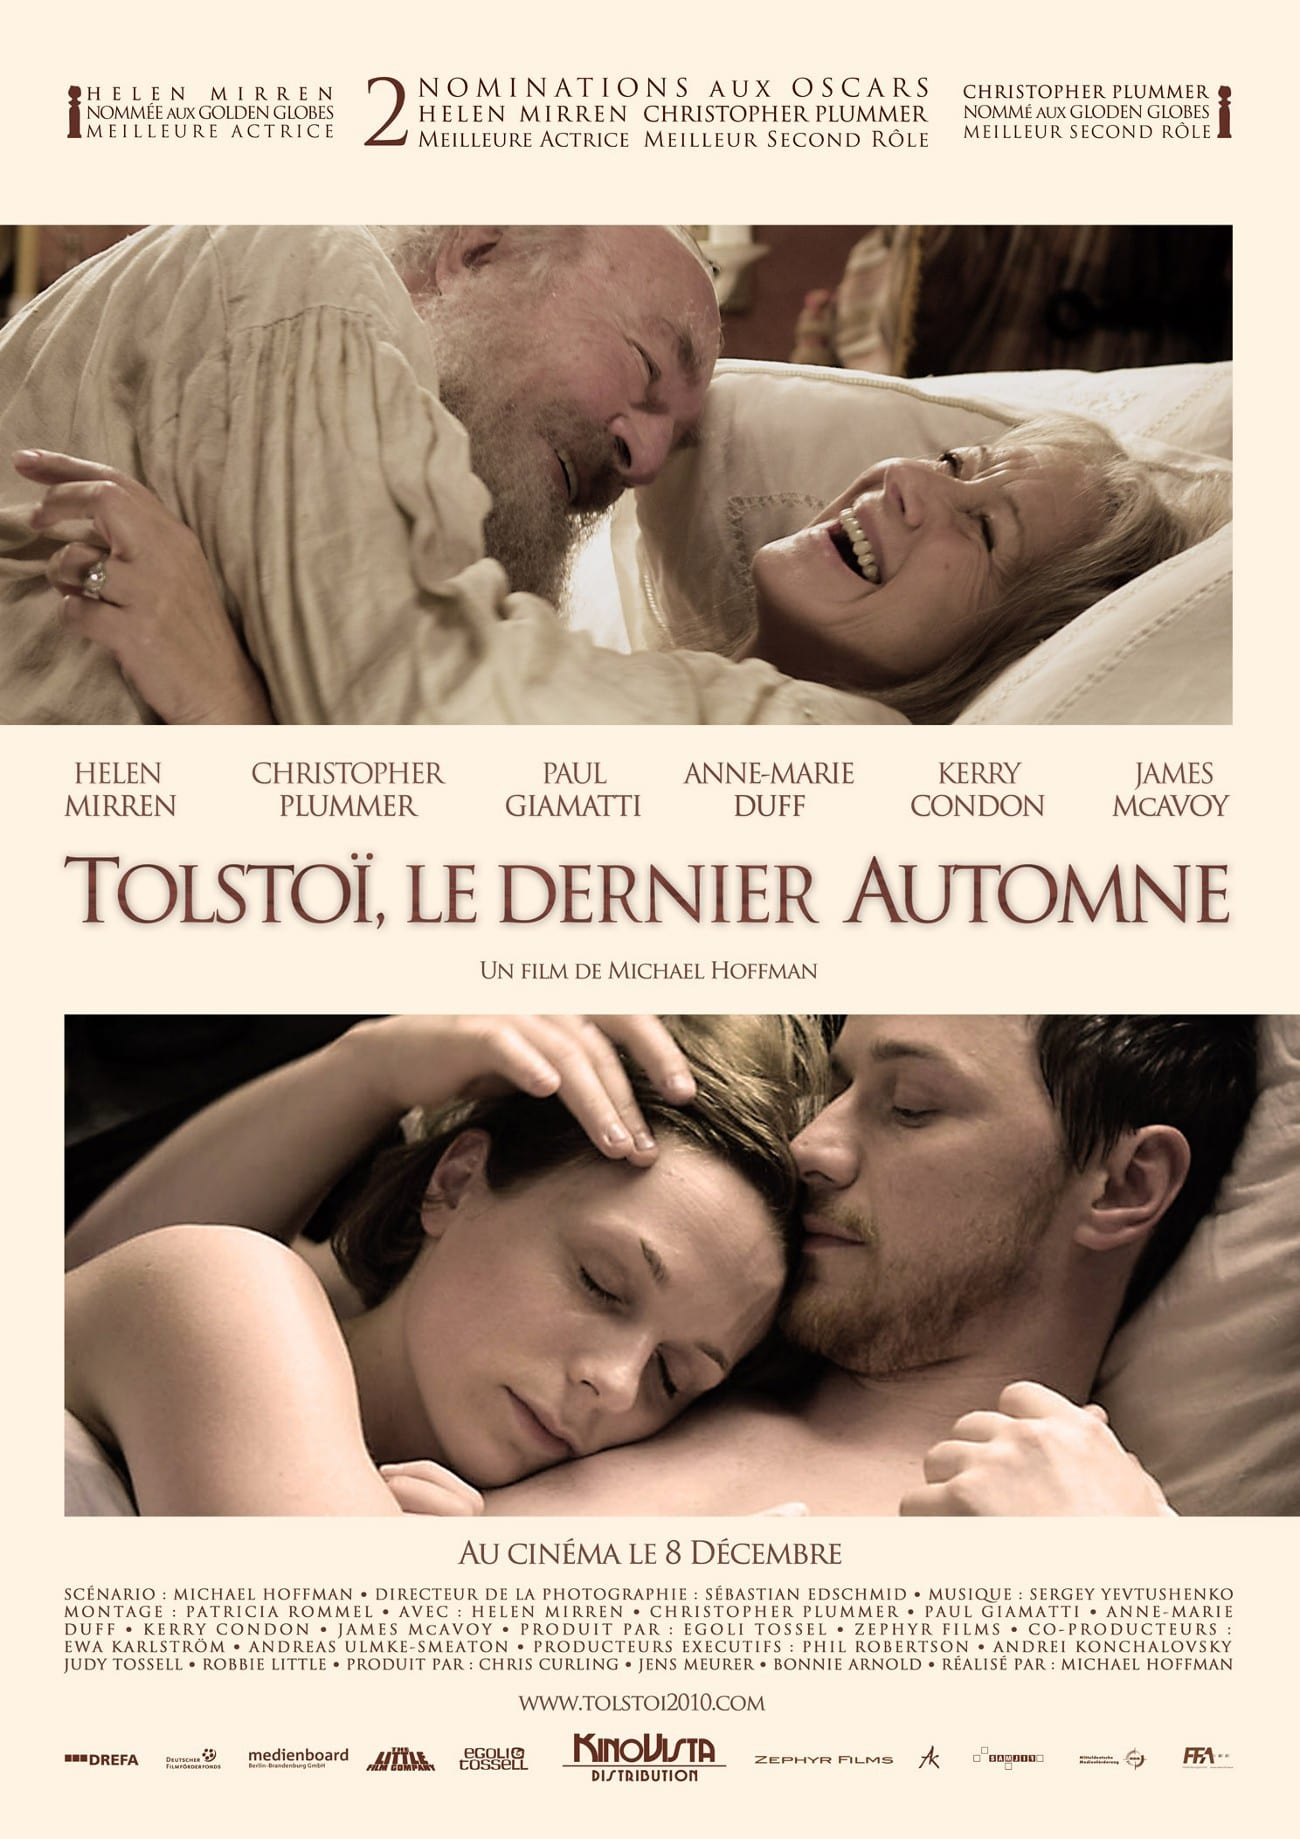 affiche du film Tolstoï, le dernier automne